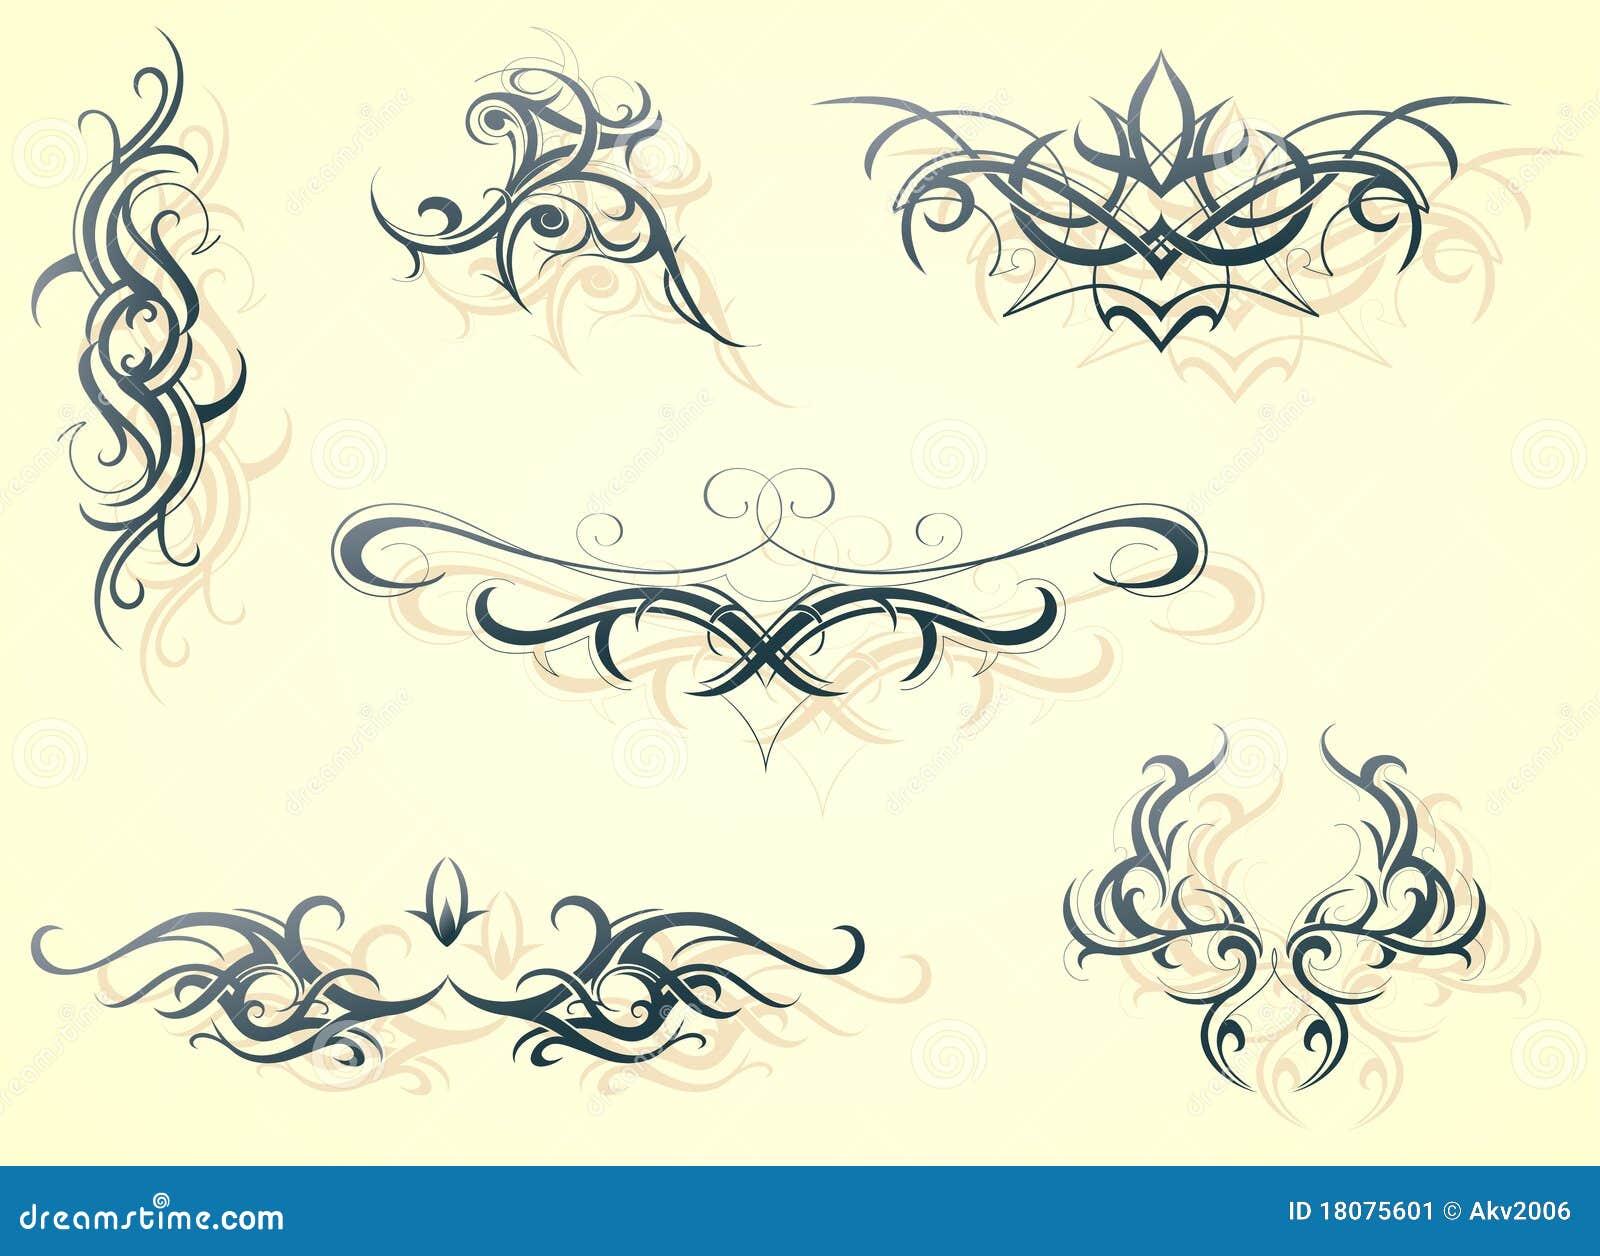 Decorative Shapes Stock Image - Image: 18075601